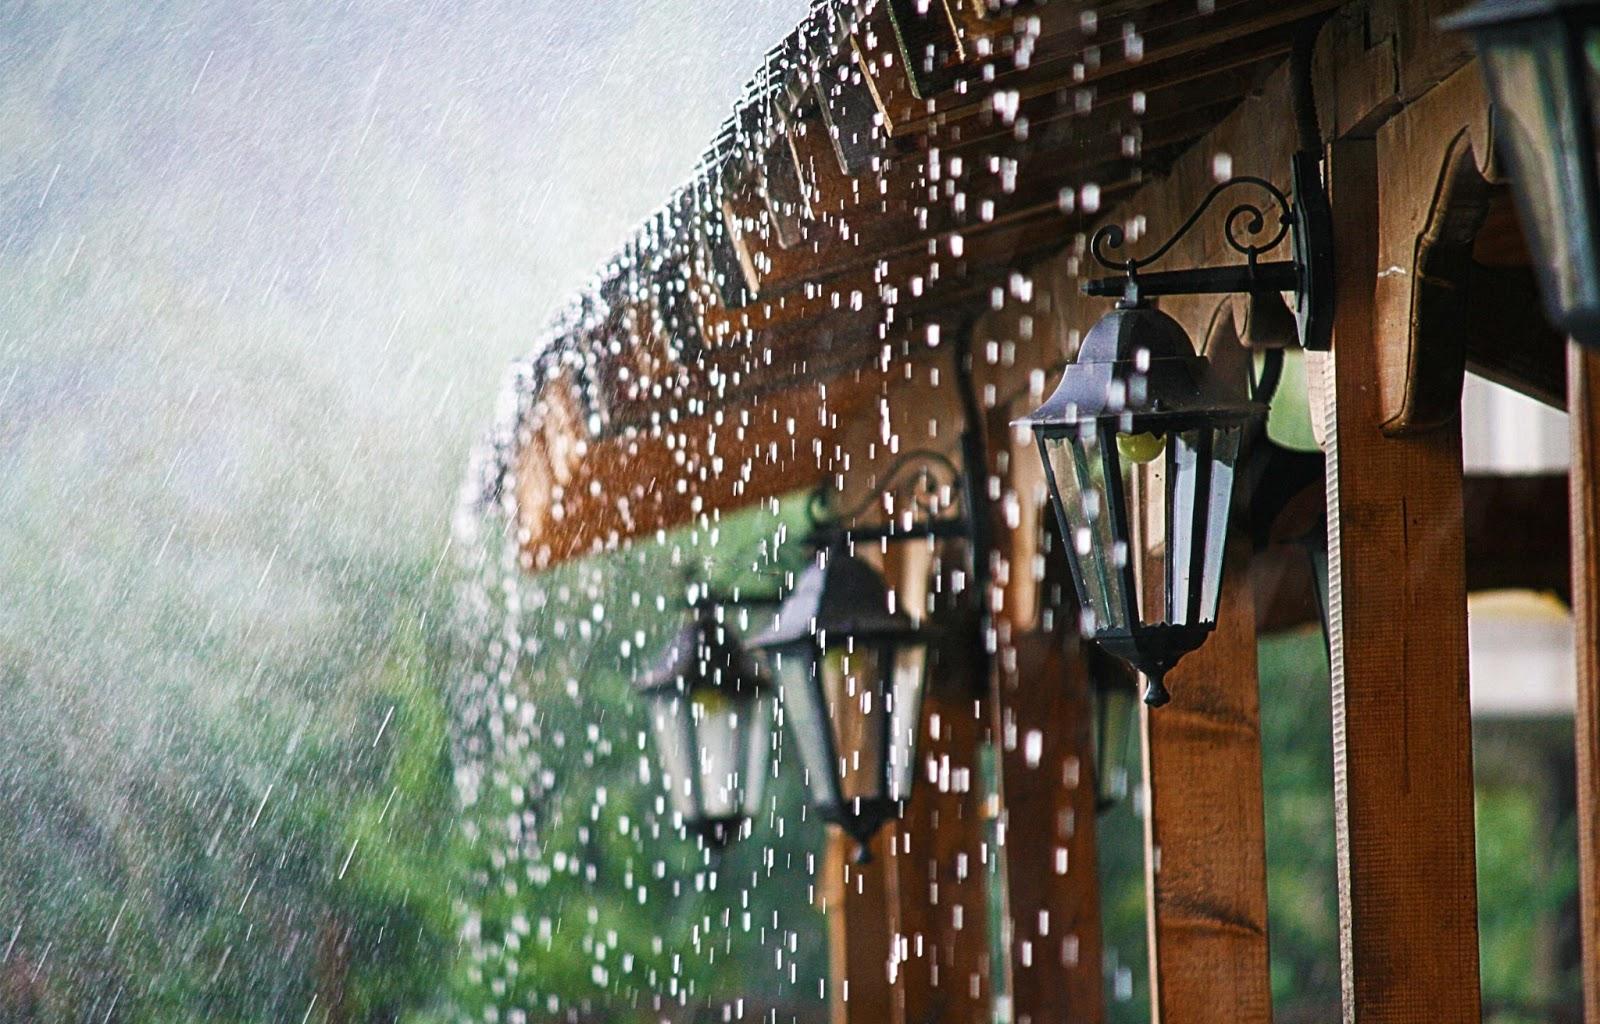 Rain photography - Rain drop wallpaper hd ...